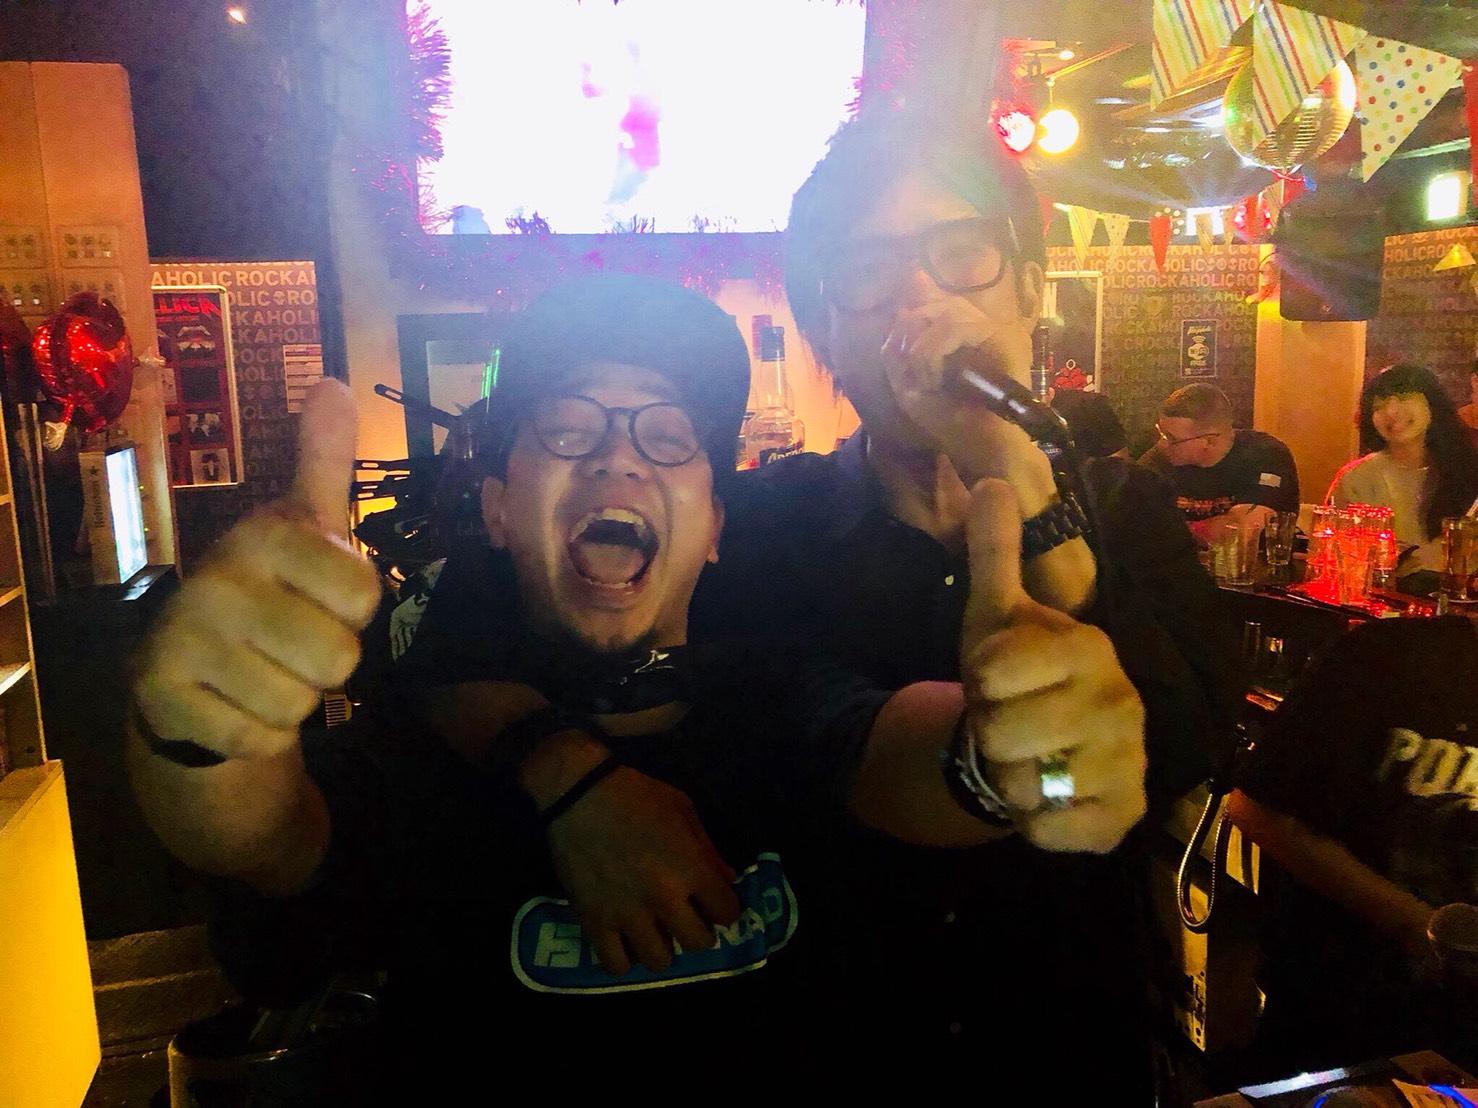 https://bar-rockaholic.jp/shibuya/blog/S__4497419.jpg